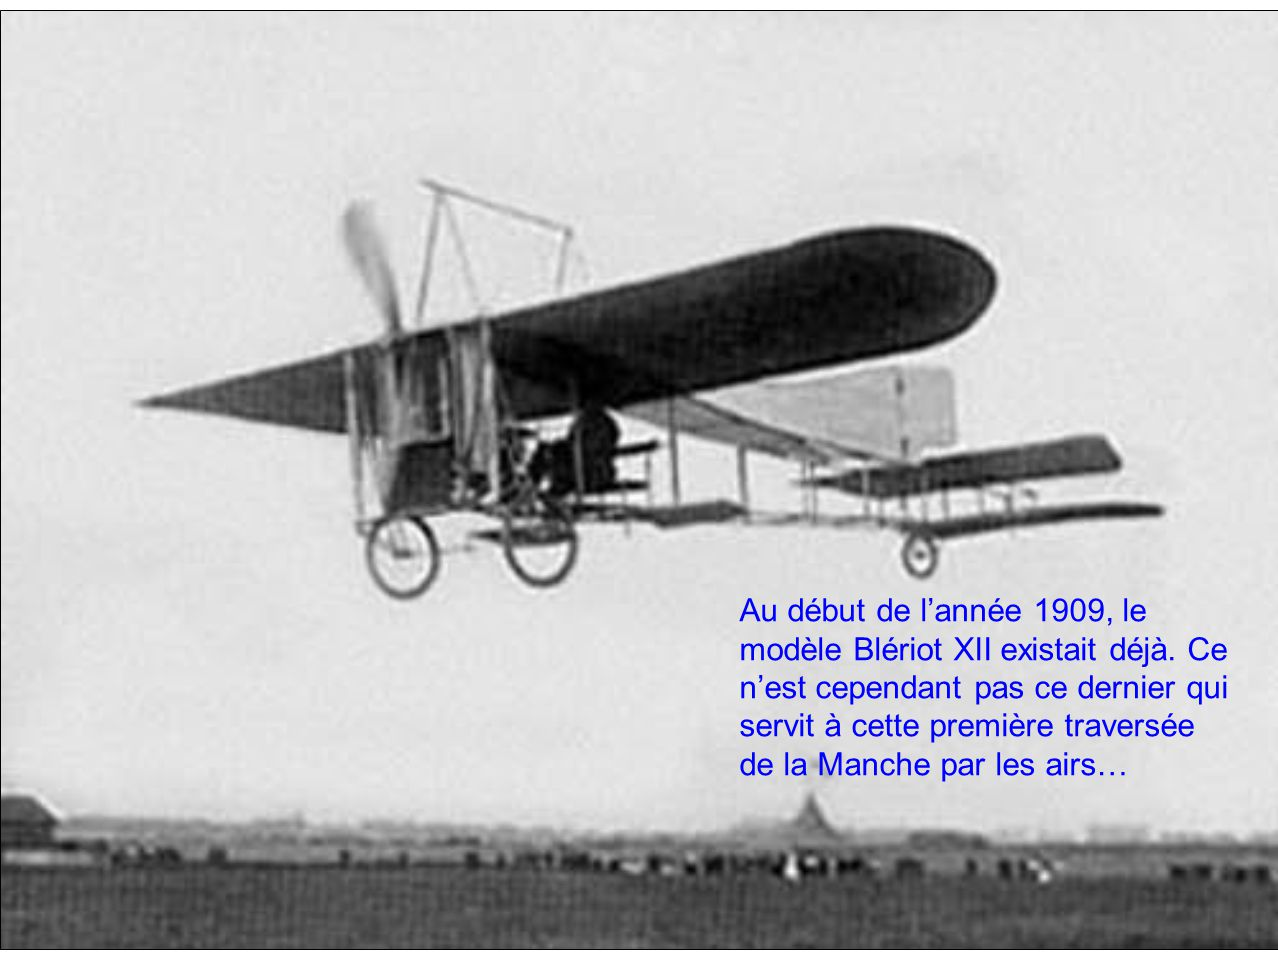 Au début de l'année 1909, le modèle Blériot XII existait déjà